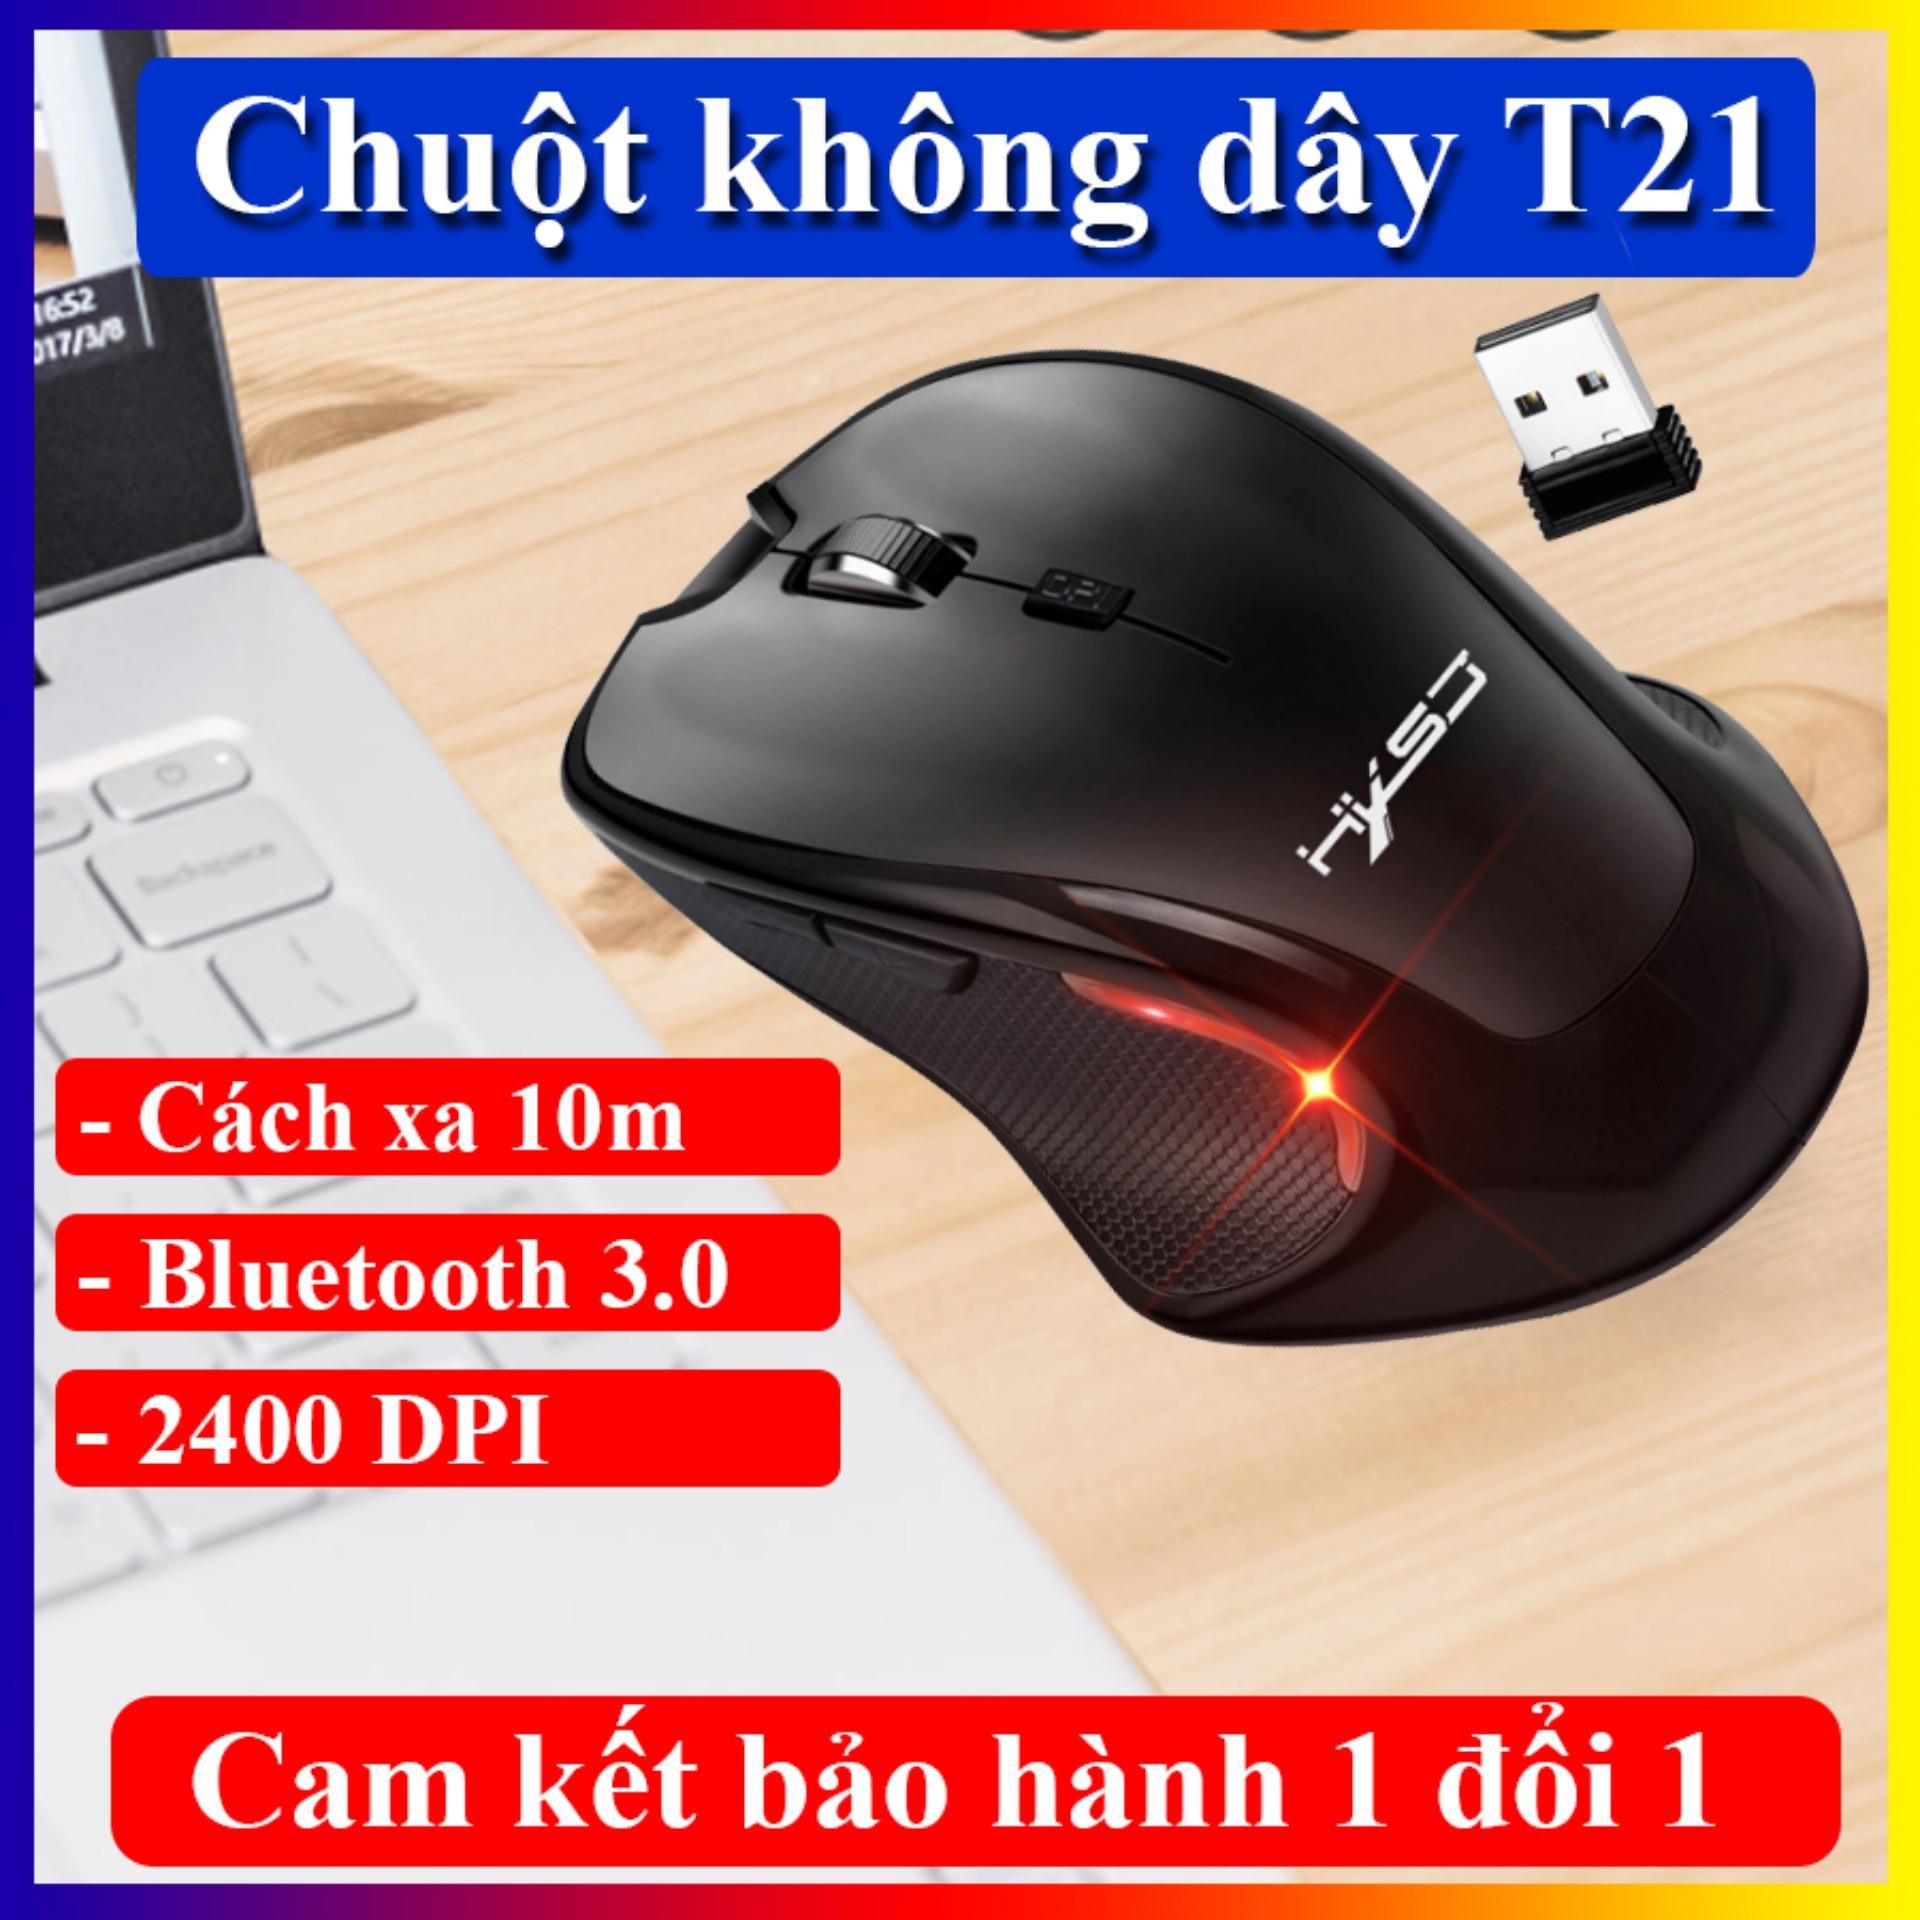 Giá Chuột máy tính không dây HXSJ- T21 hỗ trợ kết nối bluetooth 3.0, độ nhạy chuột lên đến 2400 DPI phù hợp với văn phòng và game thủ.